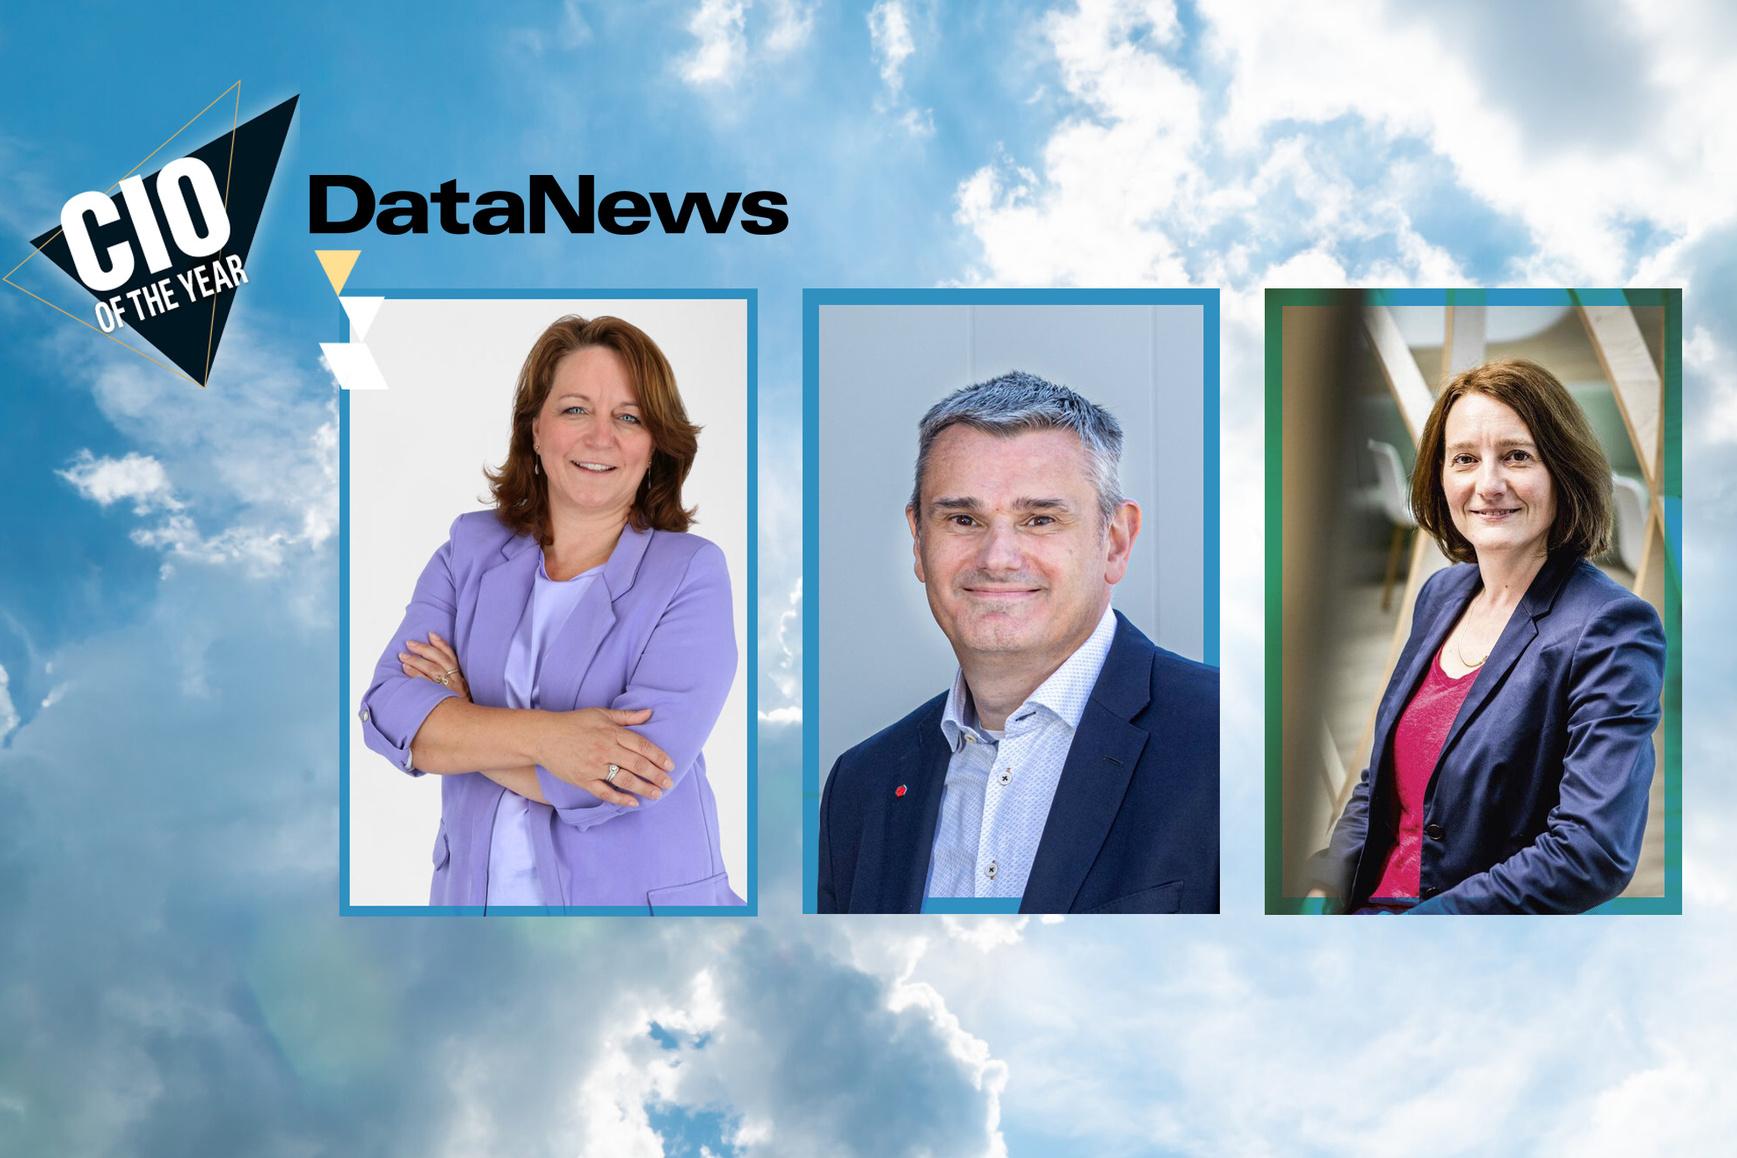 De genomineerden voor CIO of the Year 2021 (v.l.n.r.): Elke Laeremans (CIO/COO bij Torfs), Wim Nagels (CIO bij DPD) en Sophie Marchal (CIO bij AXA)., www.datanewscio.be